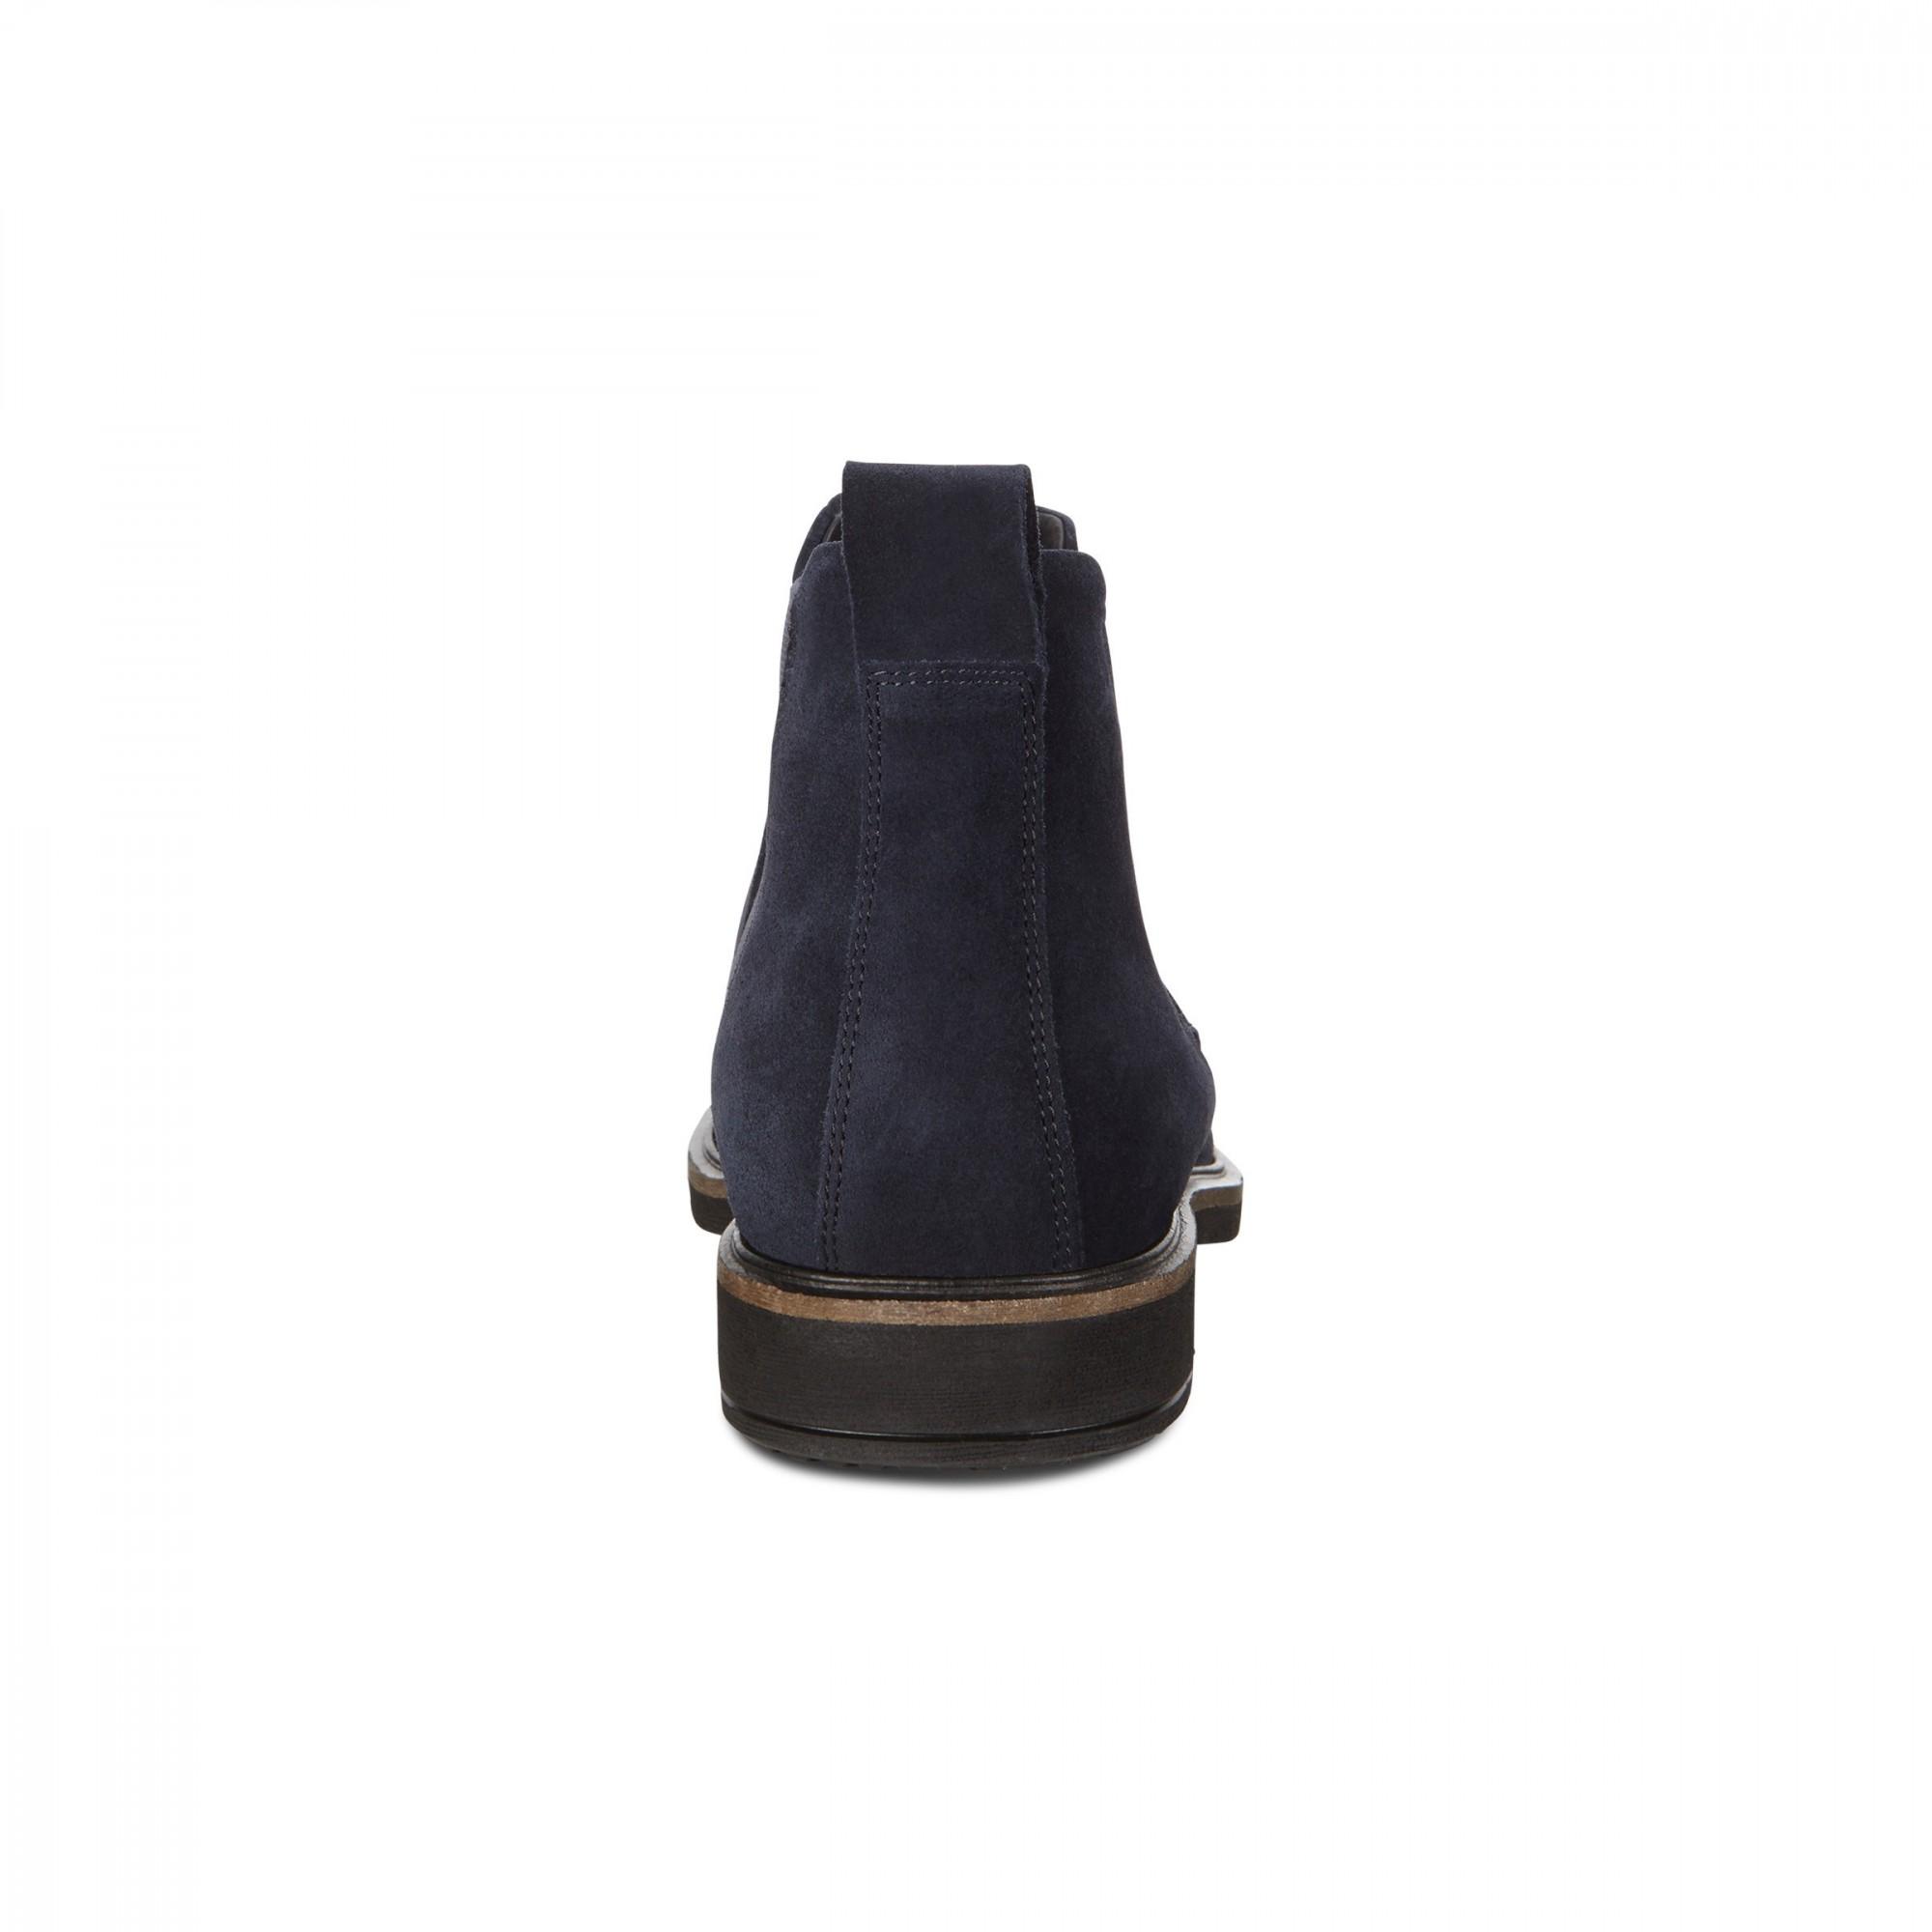 ECCO Men's Vitrus III Ankle Boot Black Leather